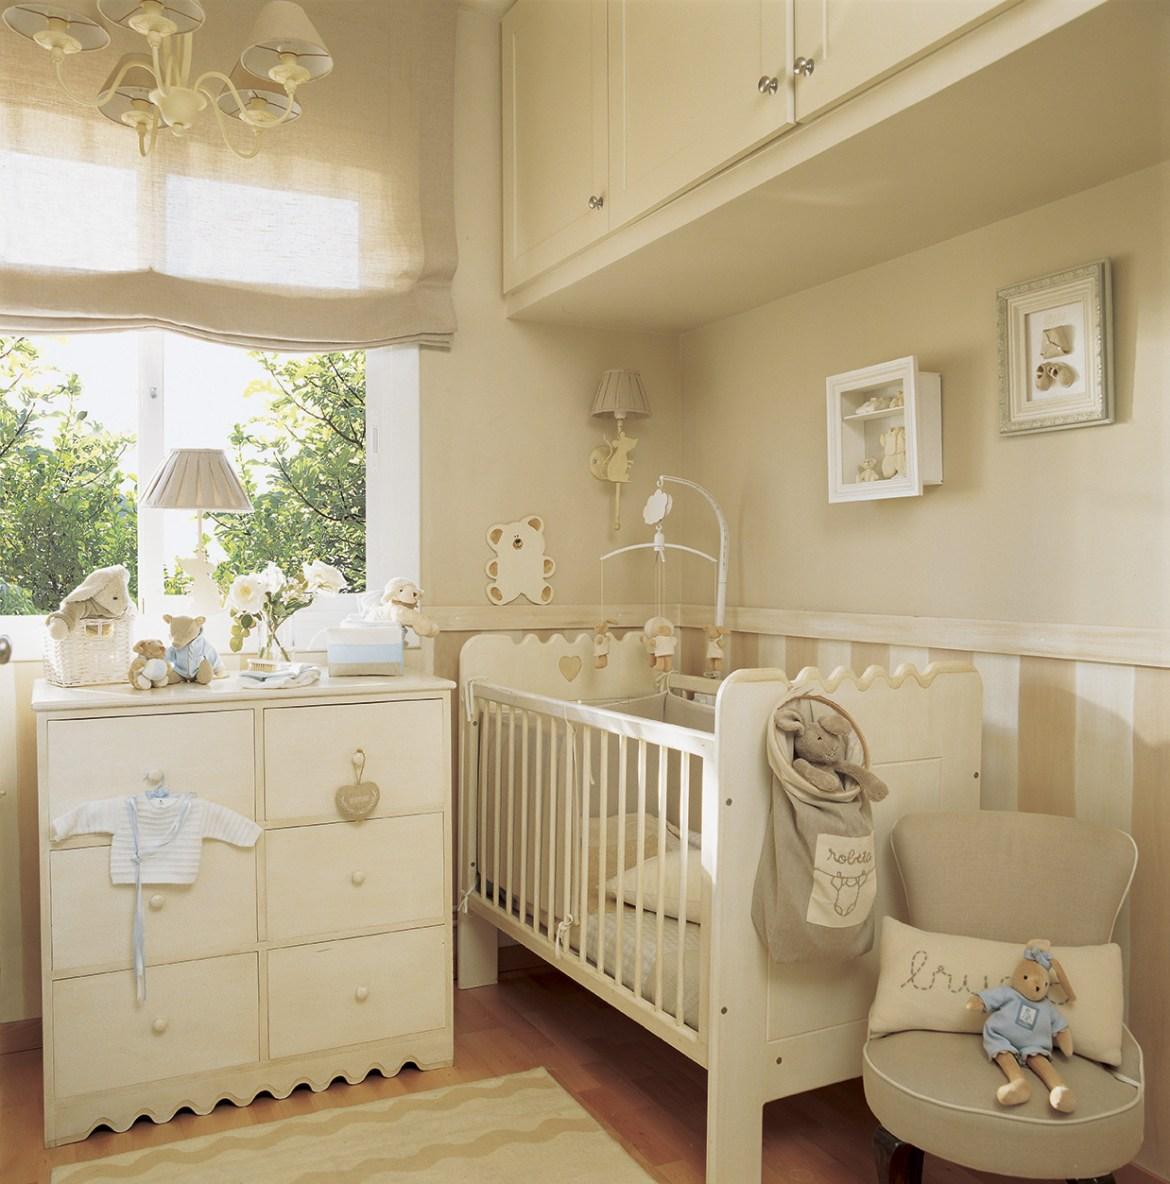 00163368. Dormitorio infantil en tonos beige con cómoda y armarios altos sobre la cuna_00163368